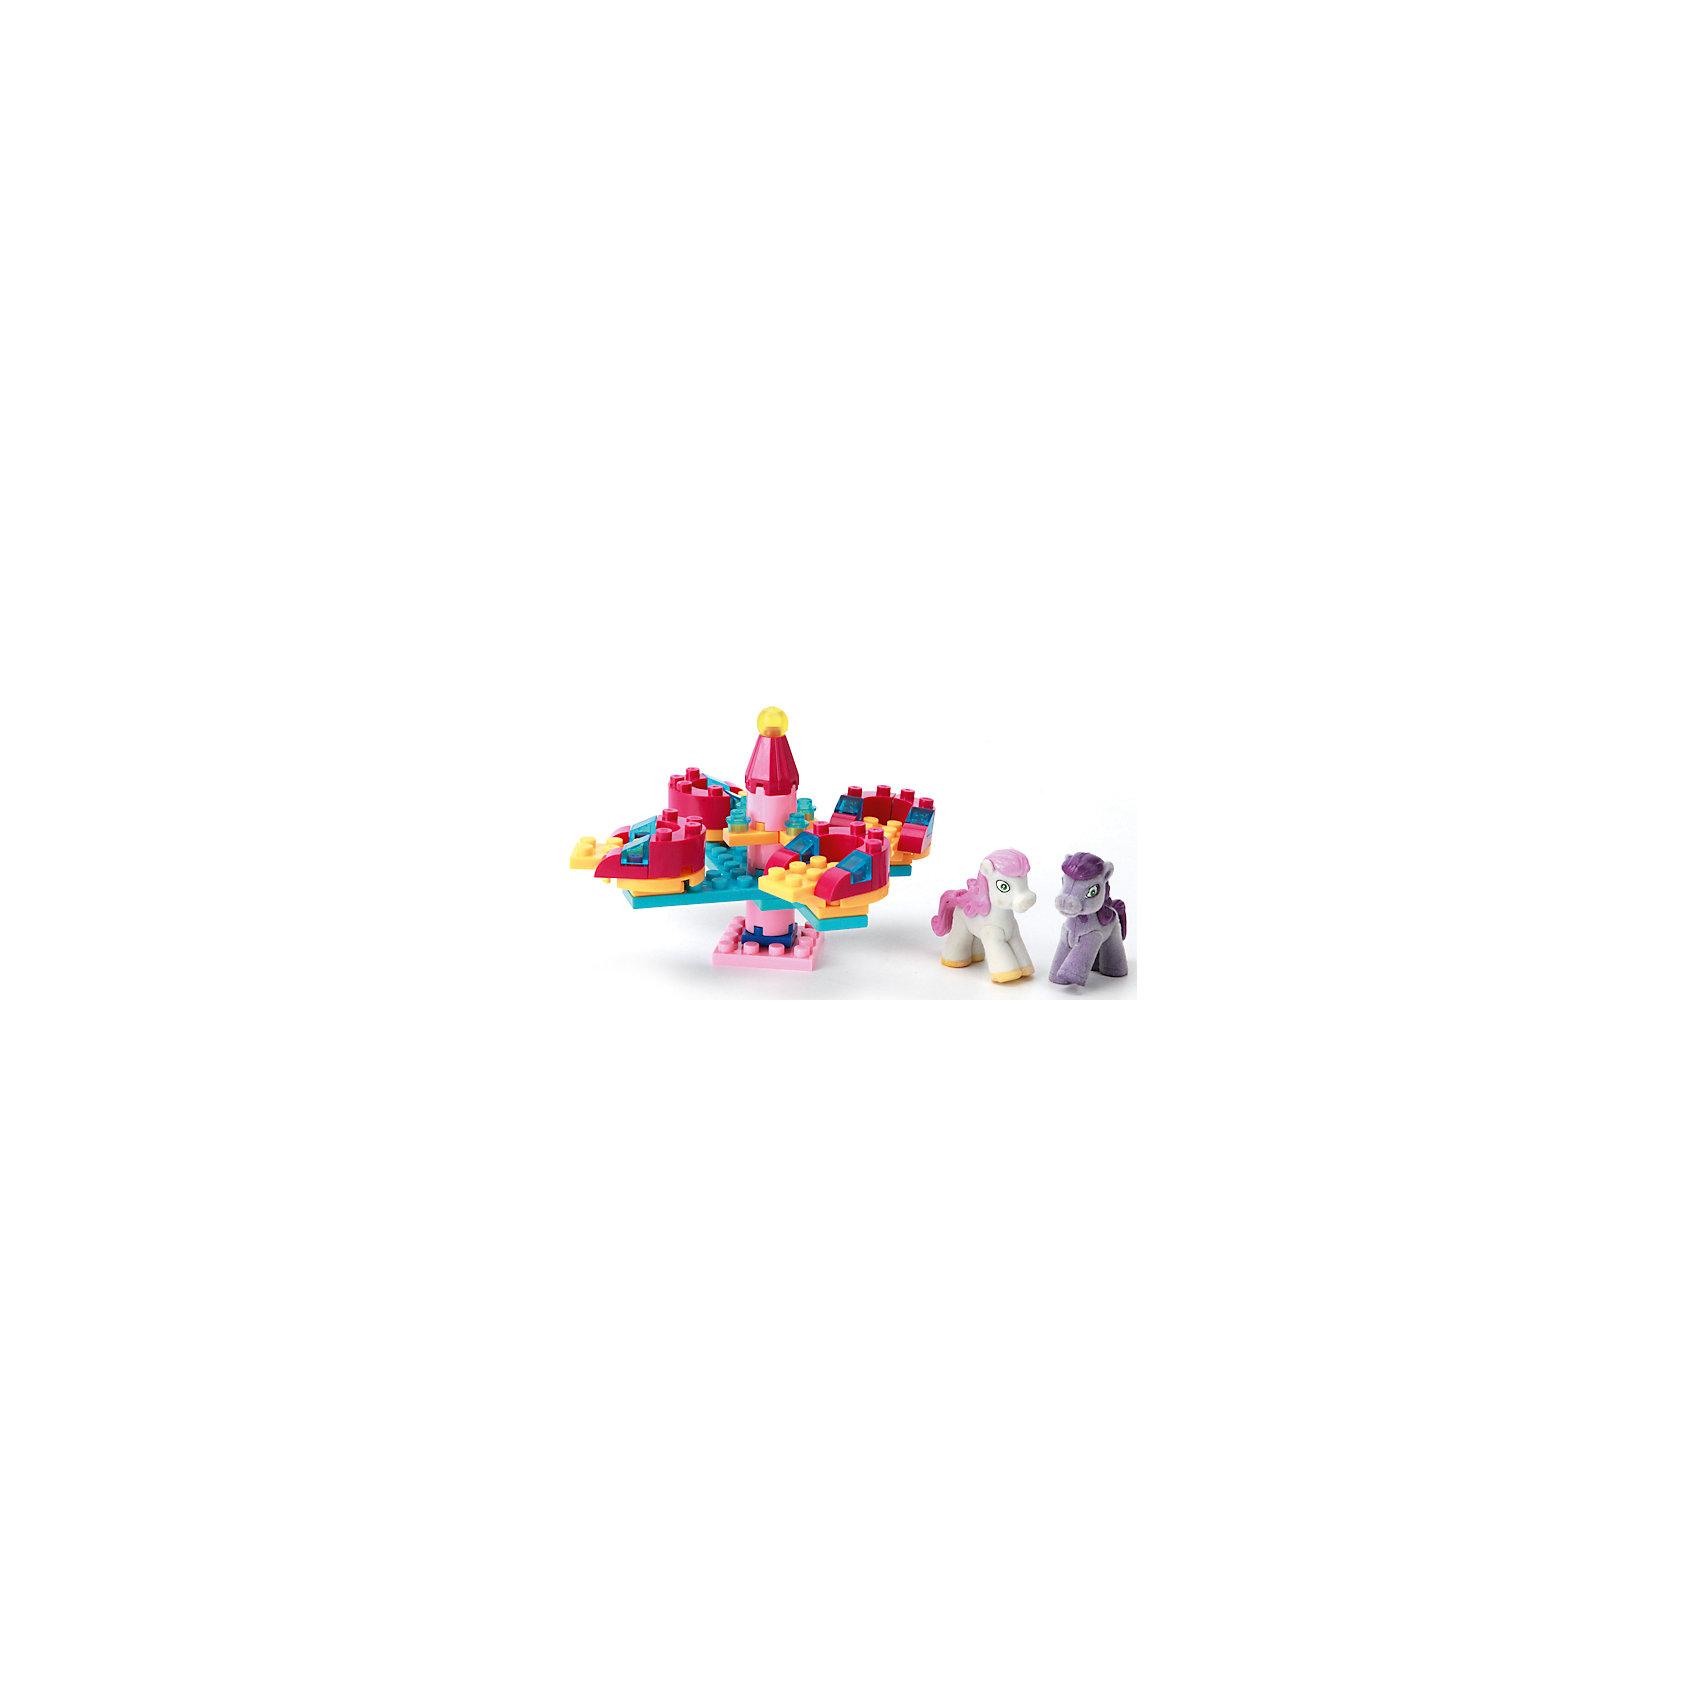 """Конструктор """"Карусель с фигуркой пони"""", 65 дет.,  Город мастеров от myToys"""